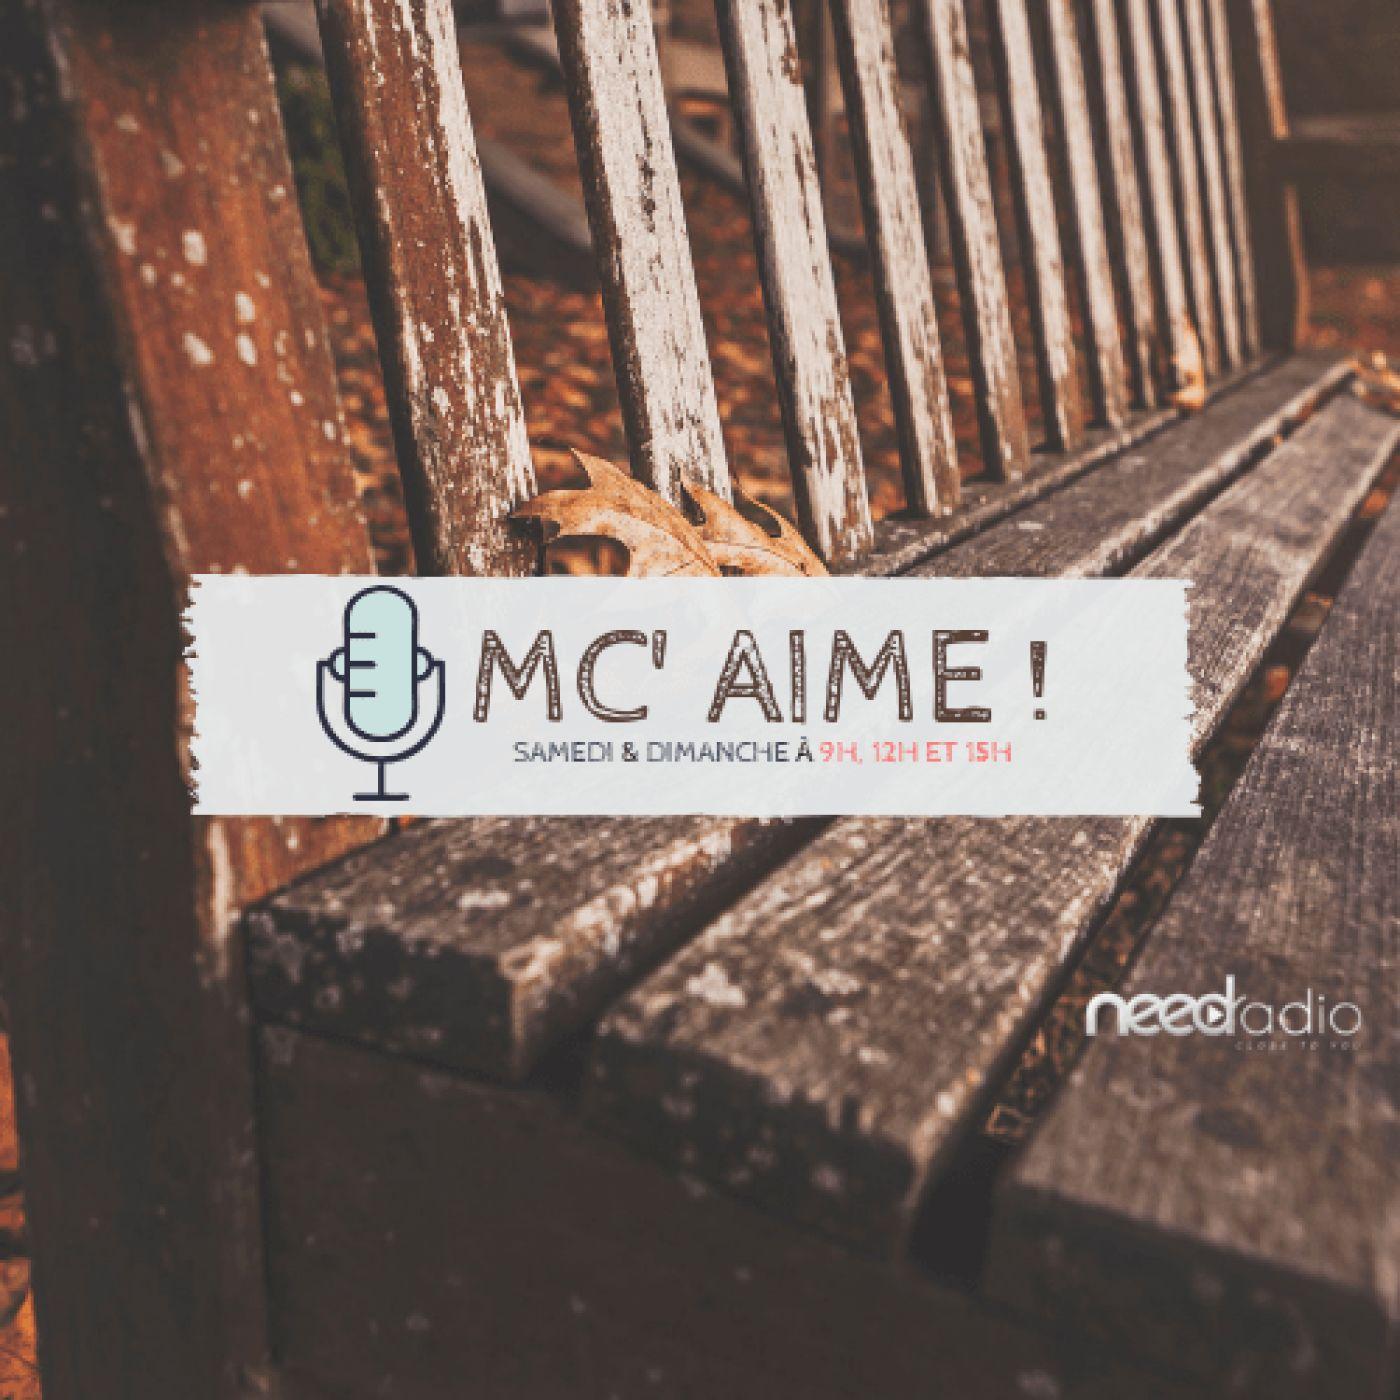 MC' Aime - Mamie Luger de Benoit Philippon, prix des lecteurs de la Ville d'Antony (02/06/19)